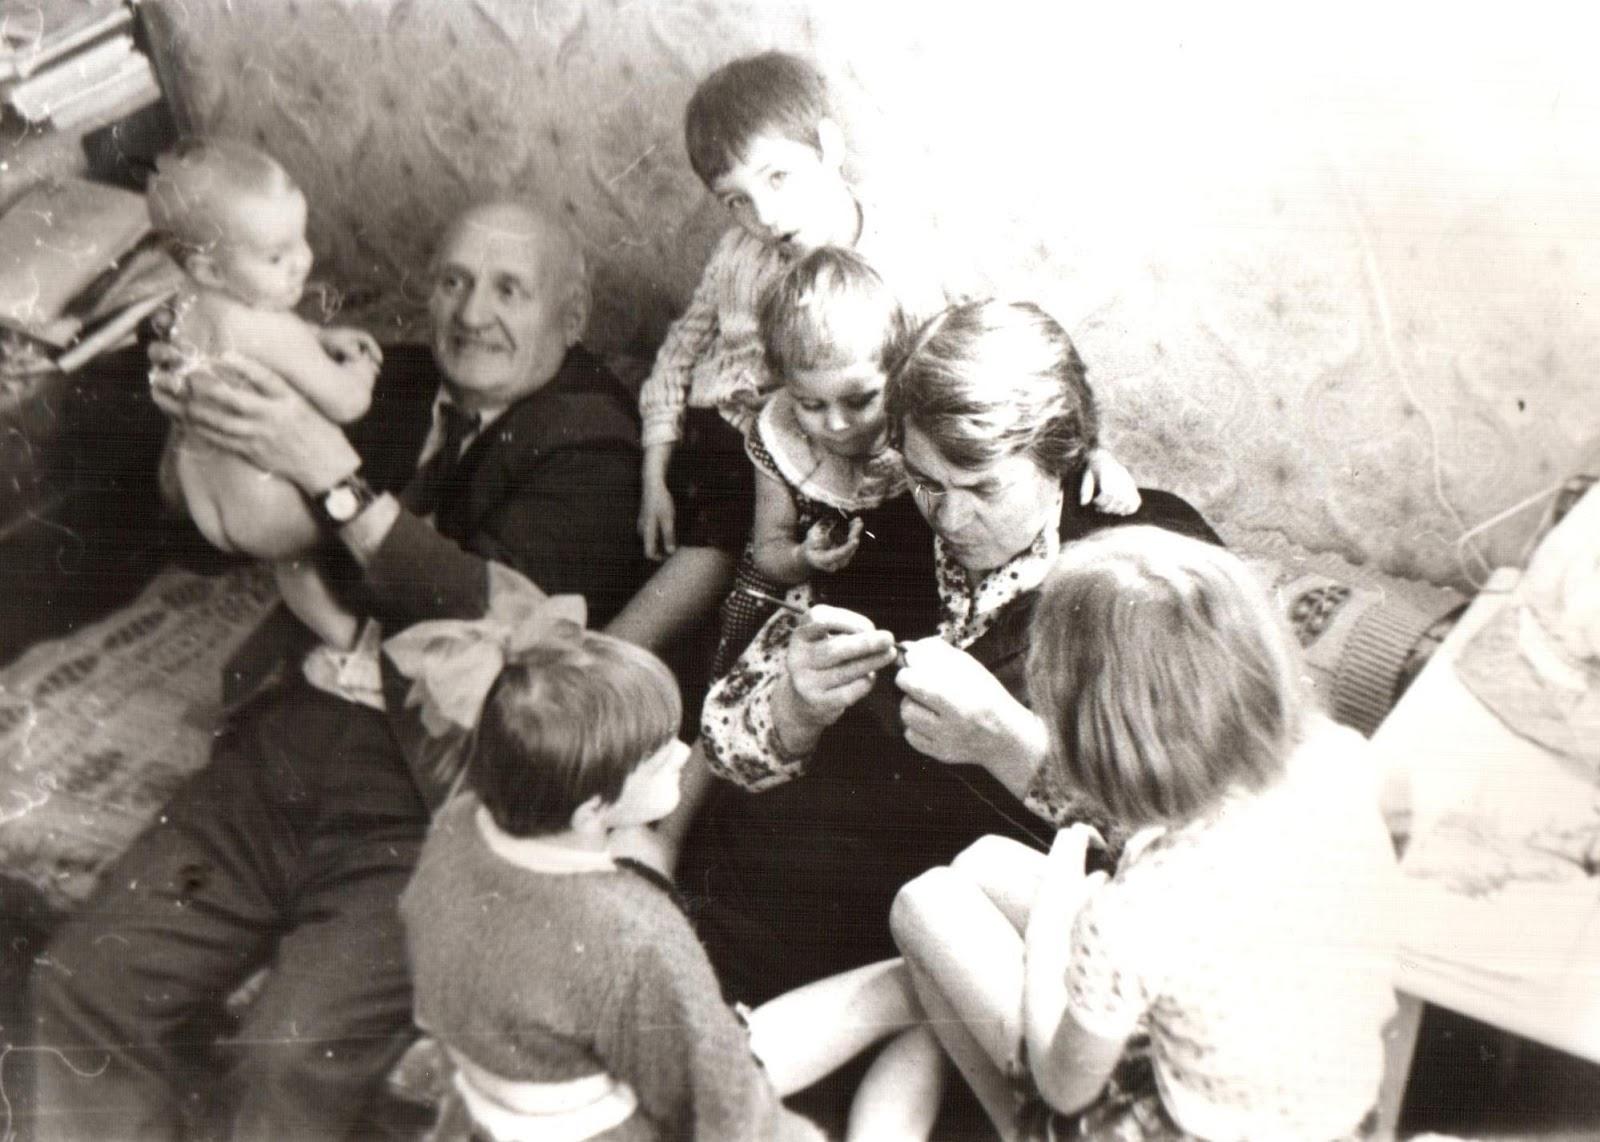 Тетя учит мальчика любви 21 фотография